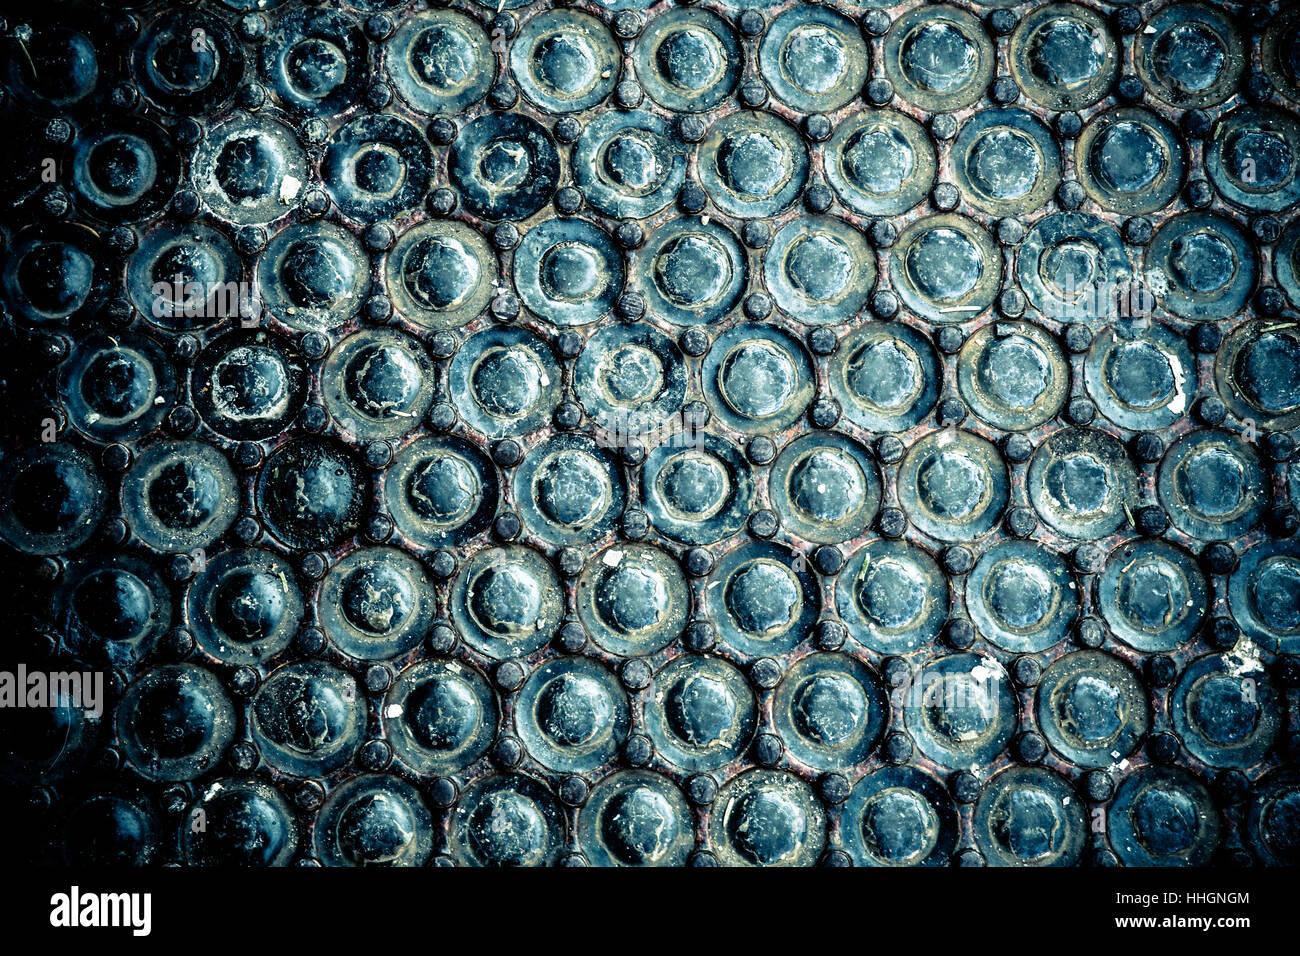 Abstract unico grunge urban texture design creato da marciapiede antichi vault il vetro della lampadina luci e ghisa Immagini Stock